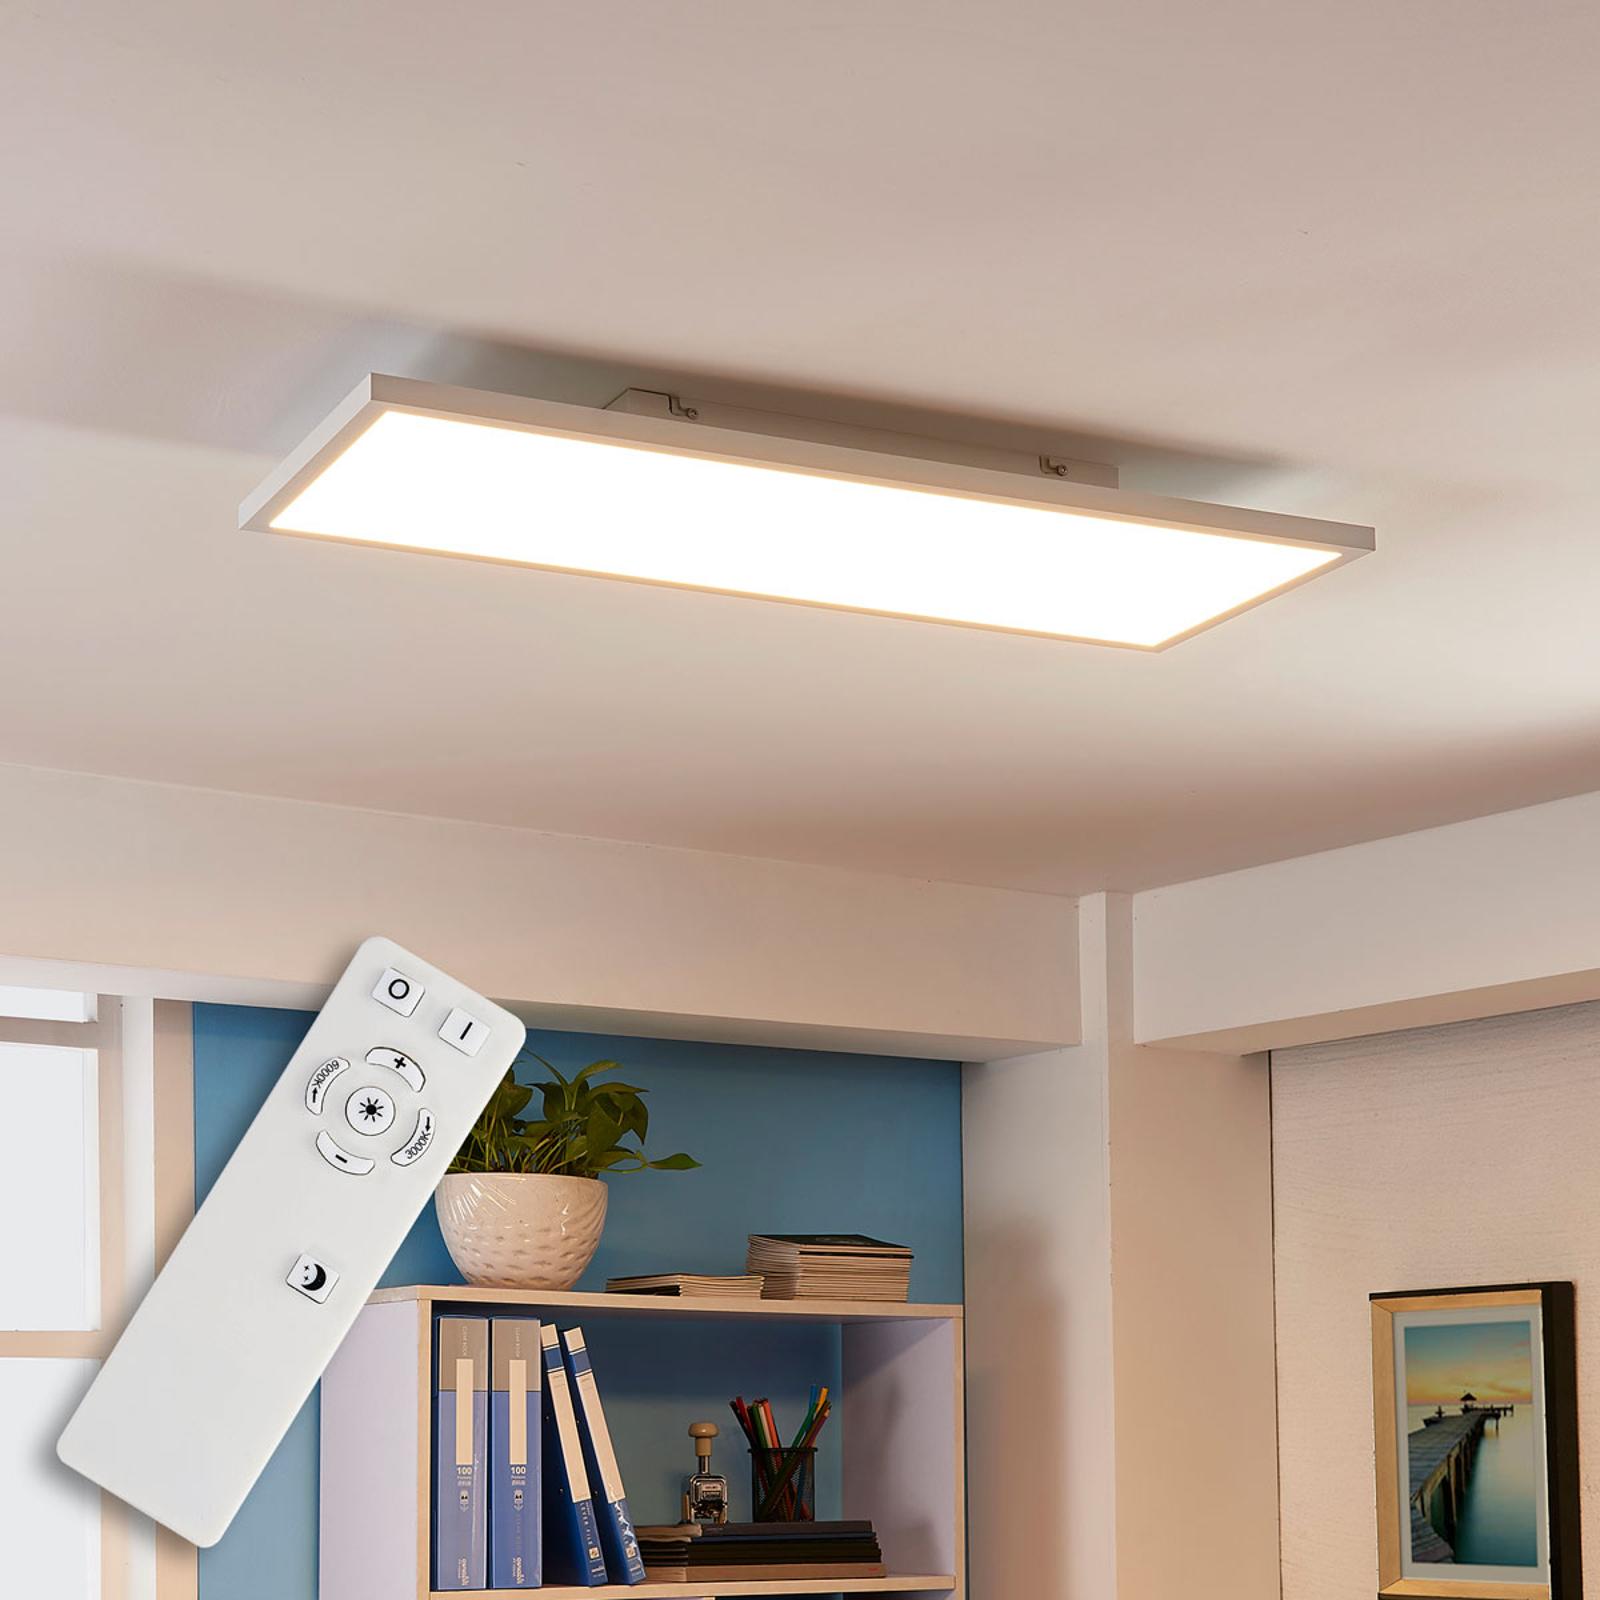 Lampa sufitowa LED Philia, zmienna barwa światła